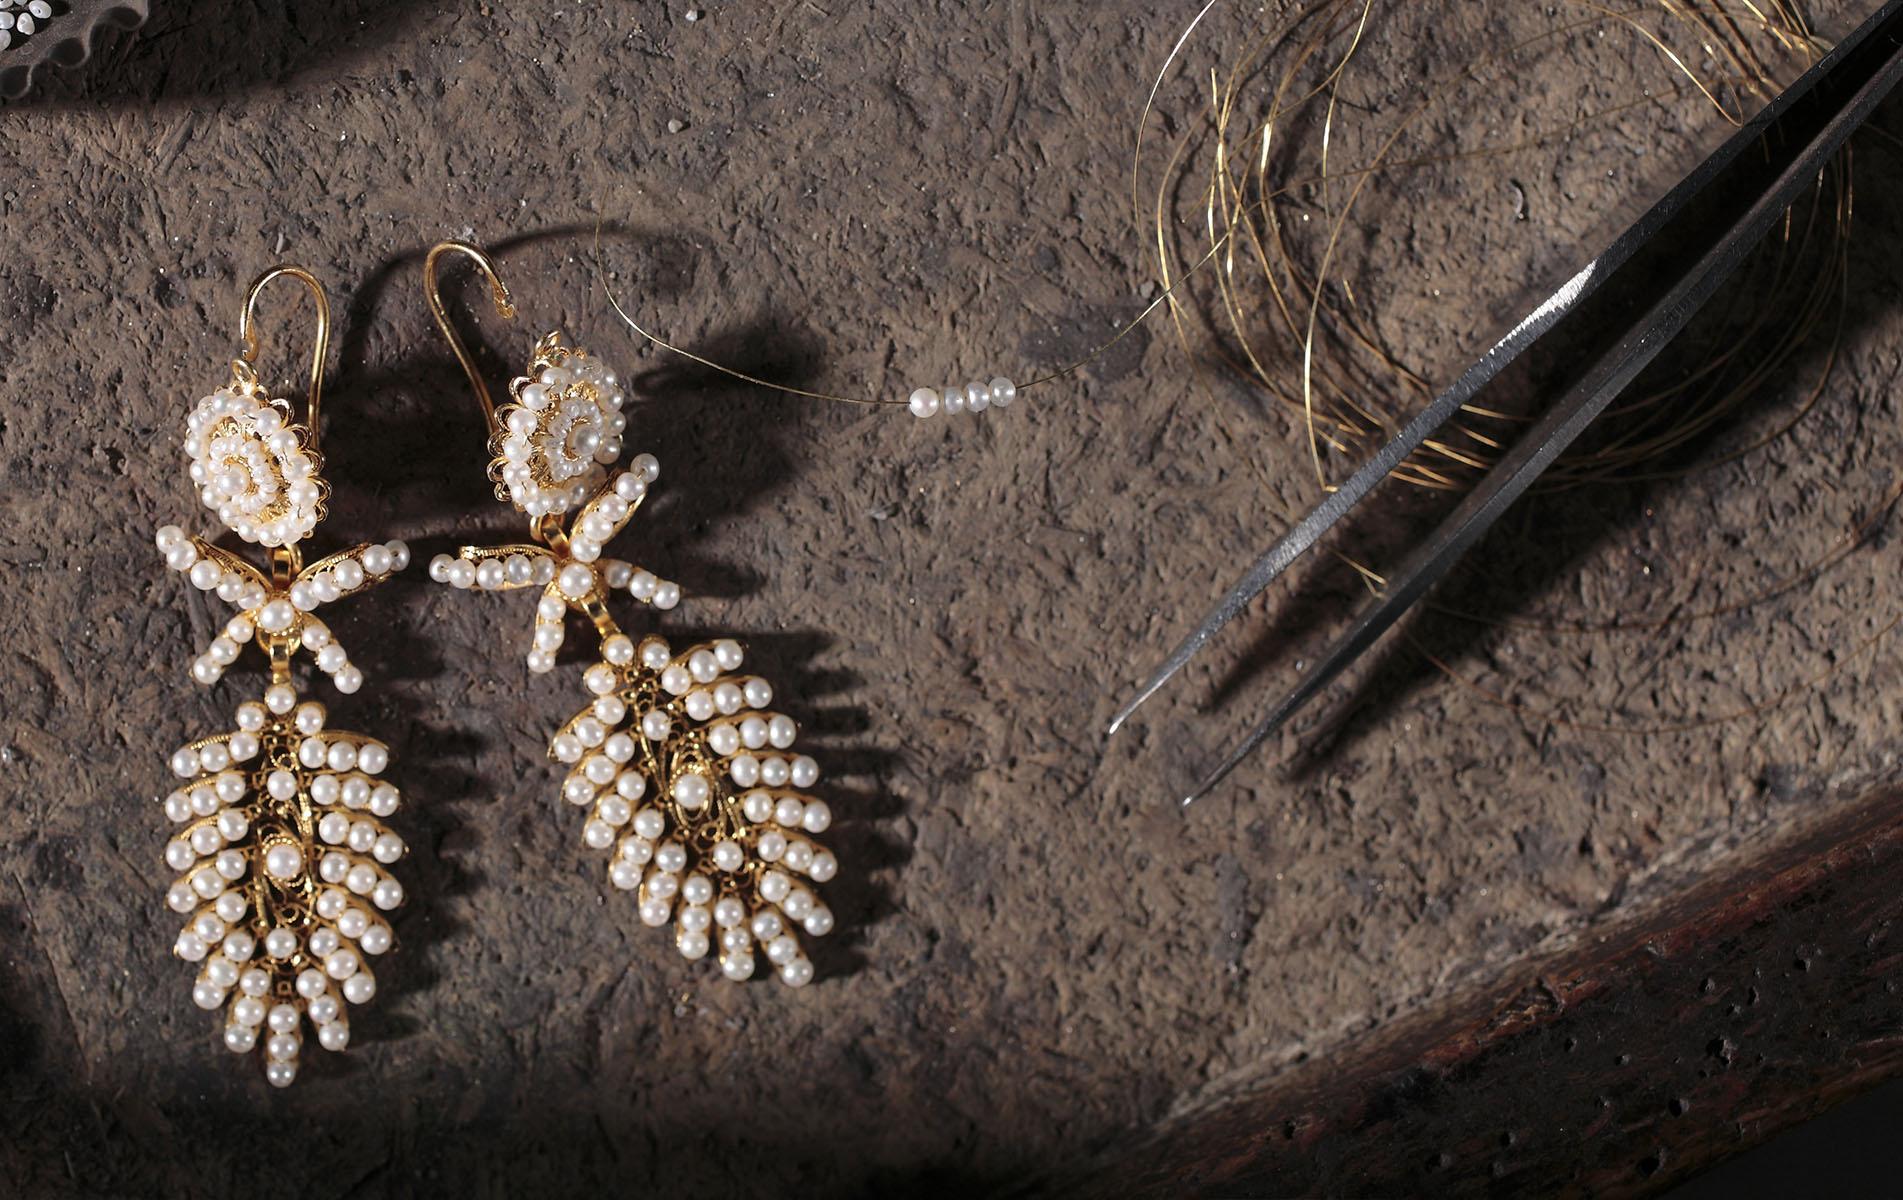 pendientes de plata para mujer, joyas artesanales, pendientes para boda, pendientes para fiesta, pendientes de plata para vestido largo, joyas para regalar, luis mendez artesanos, joyasmarket